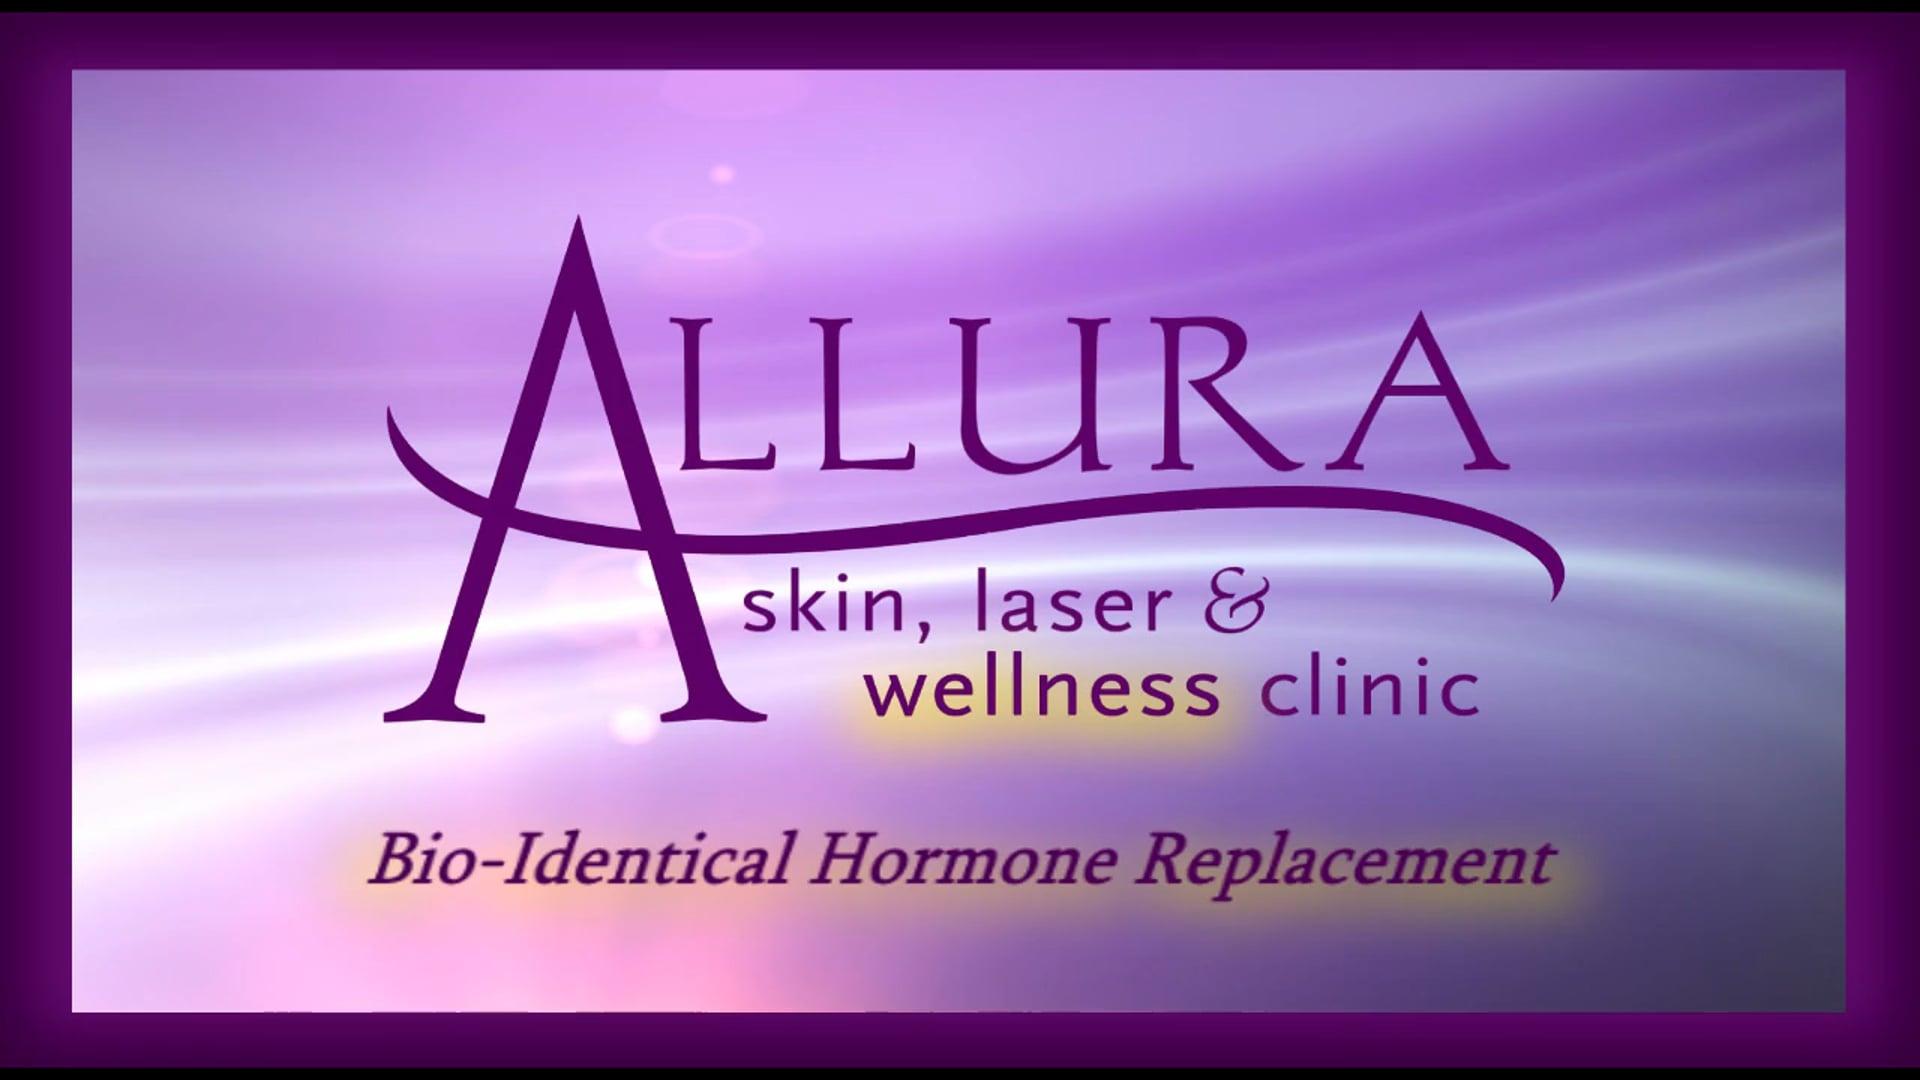 Allura Bio-Identical Hormone Replacement